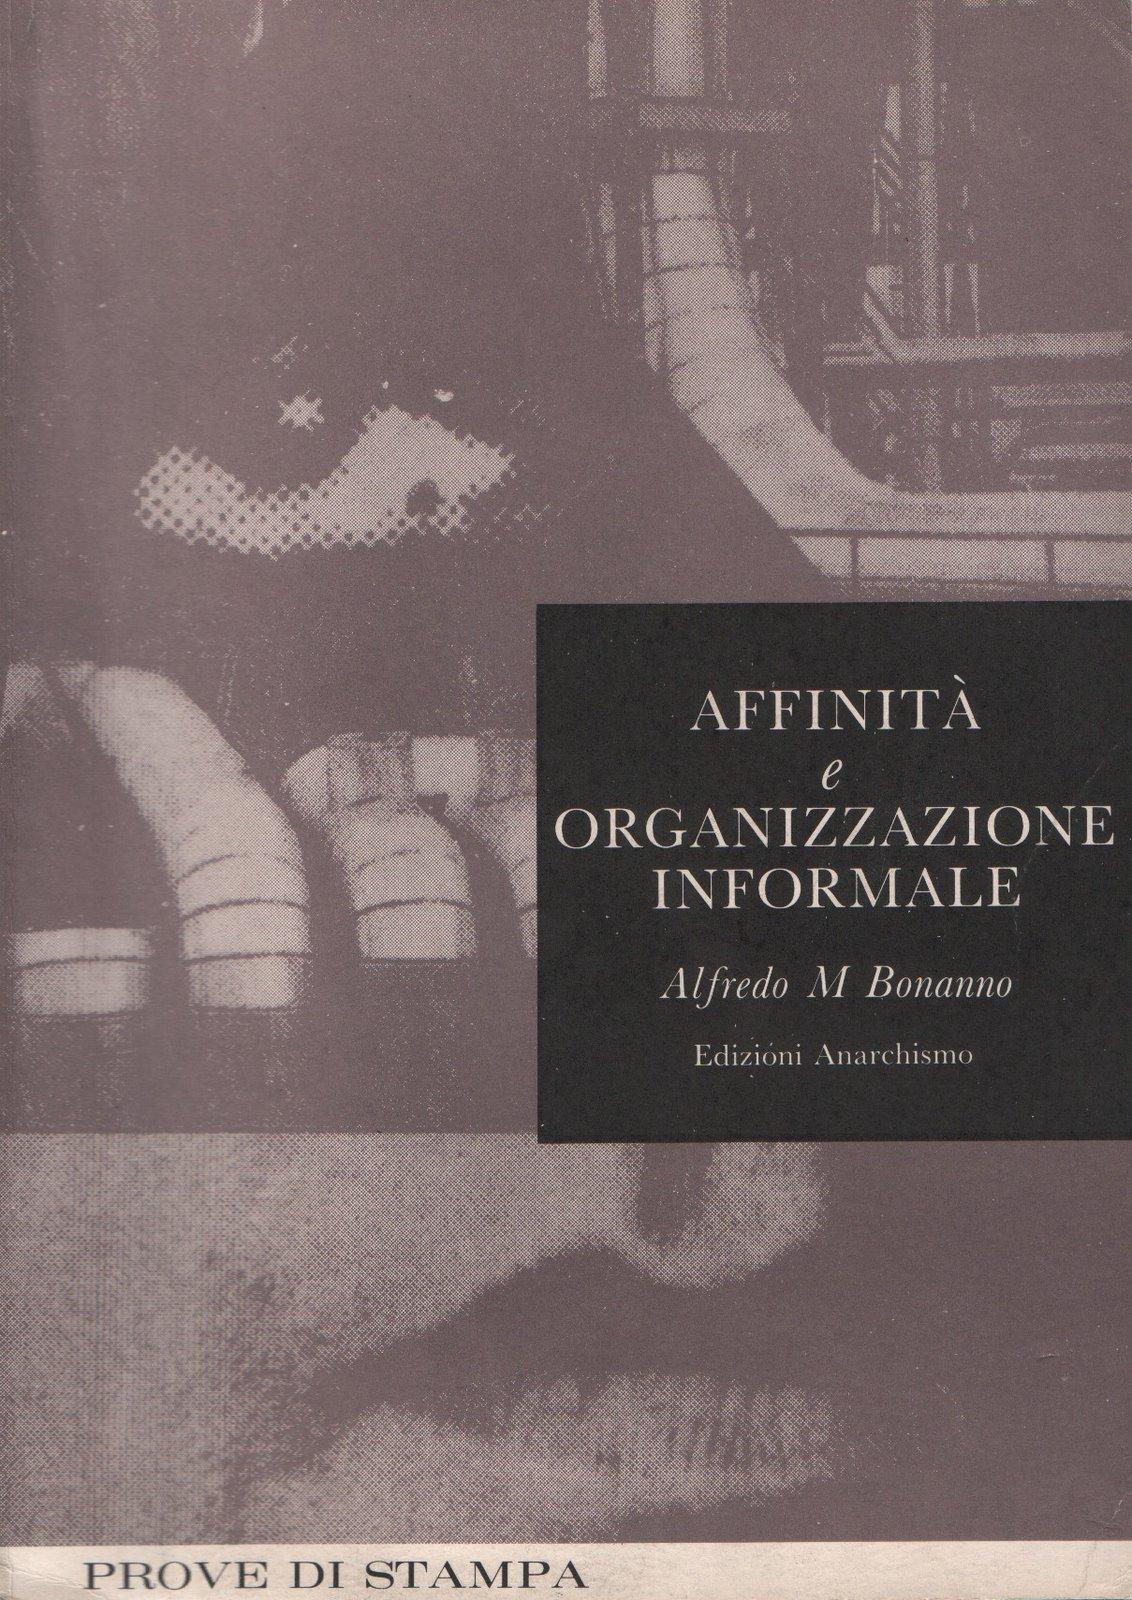 Affinità e organizzazione informale